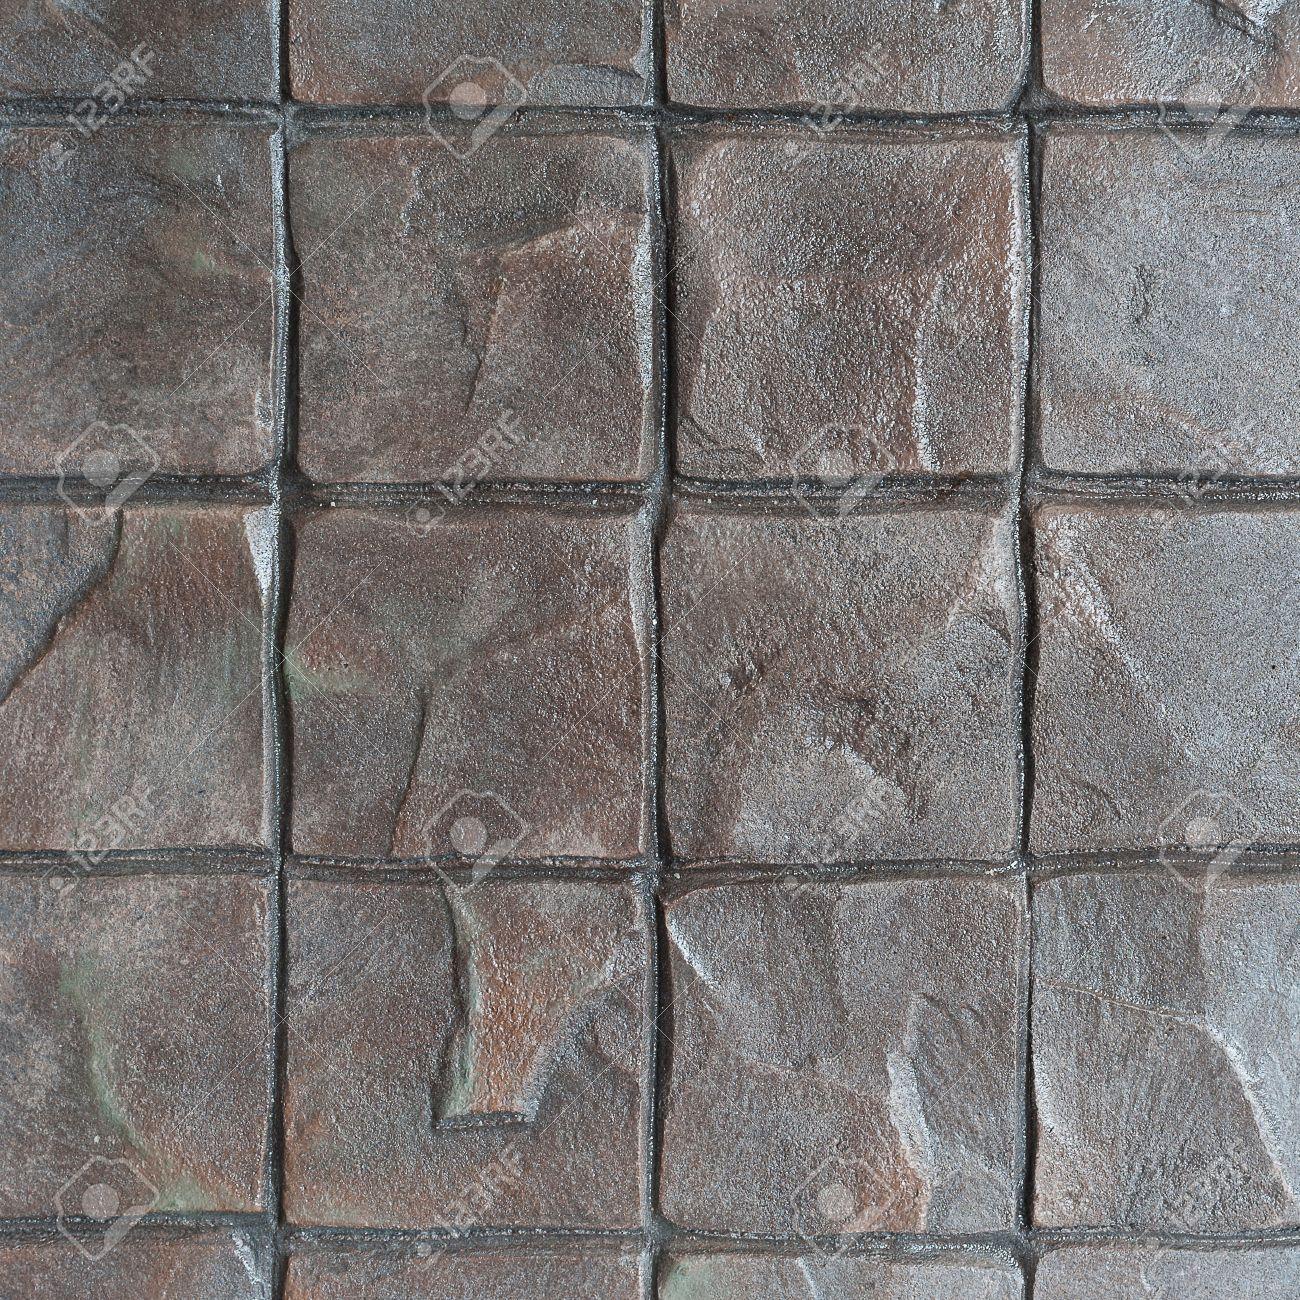 Steinboden lizenzfreie vektorgrafiken kaufen: 123rf